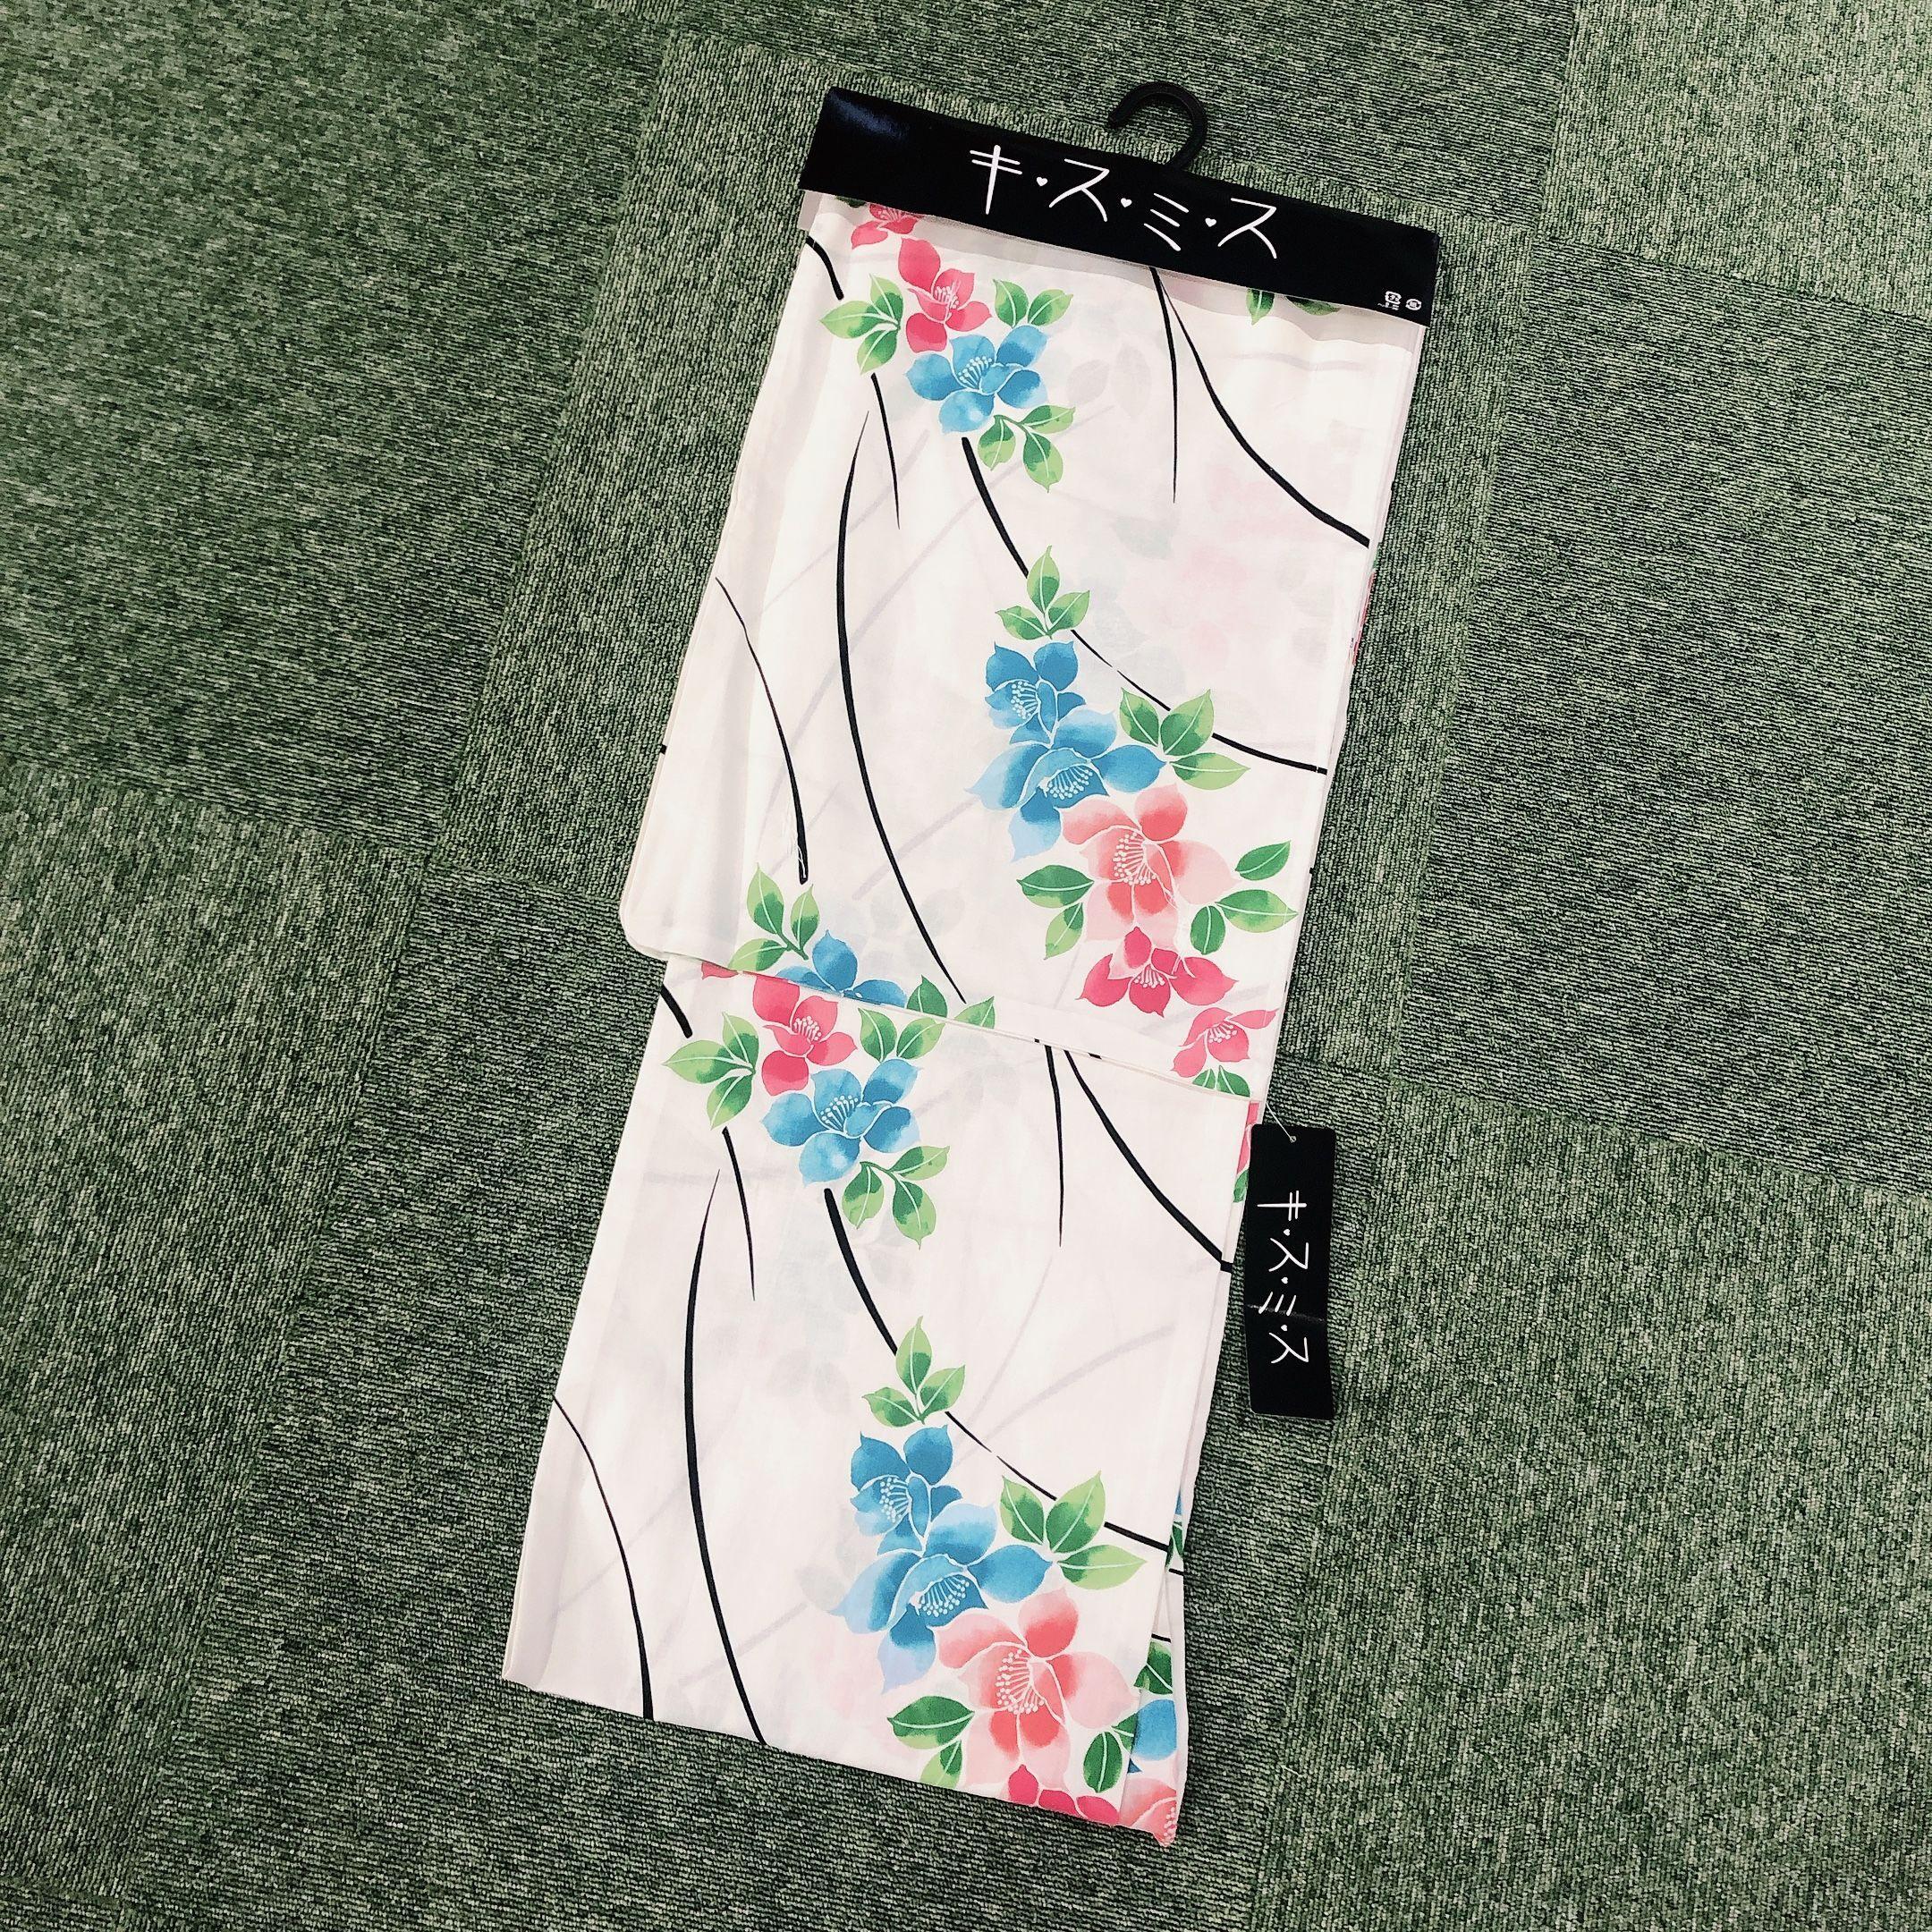 浴衣 レディース 単品 キスミス ブランド <白地に花柄> Yukata